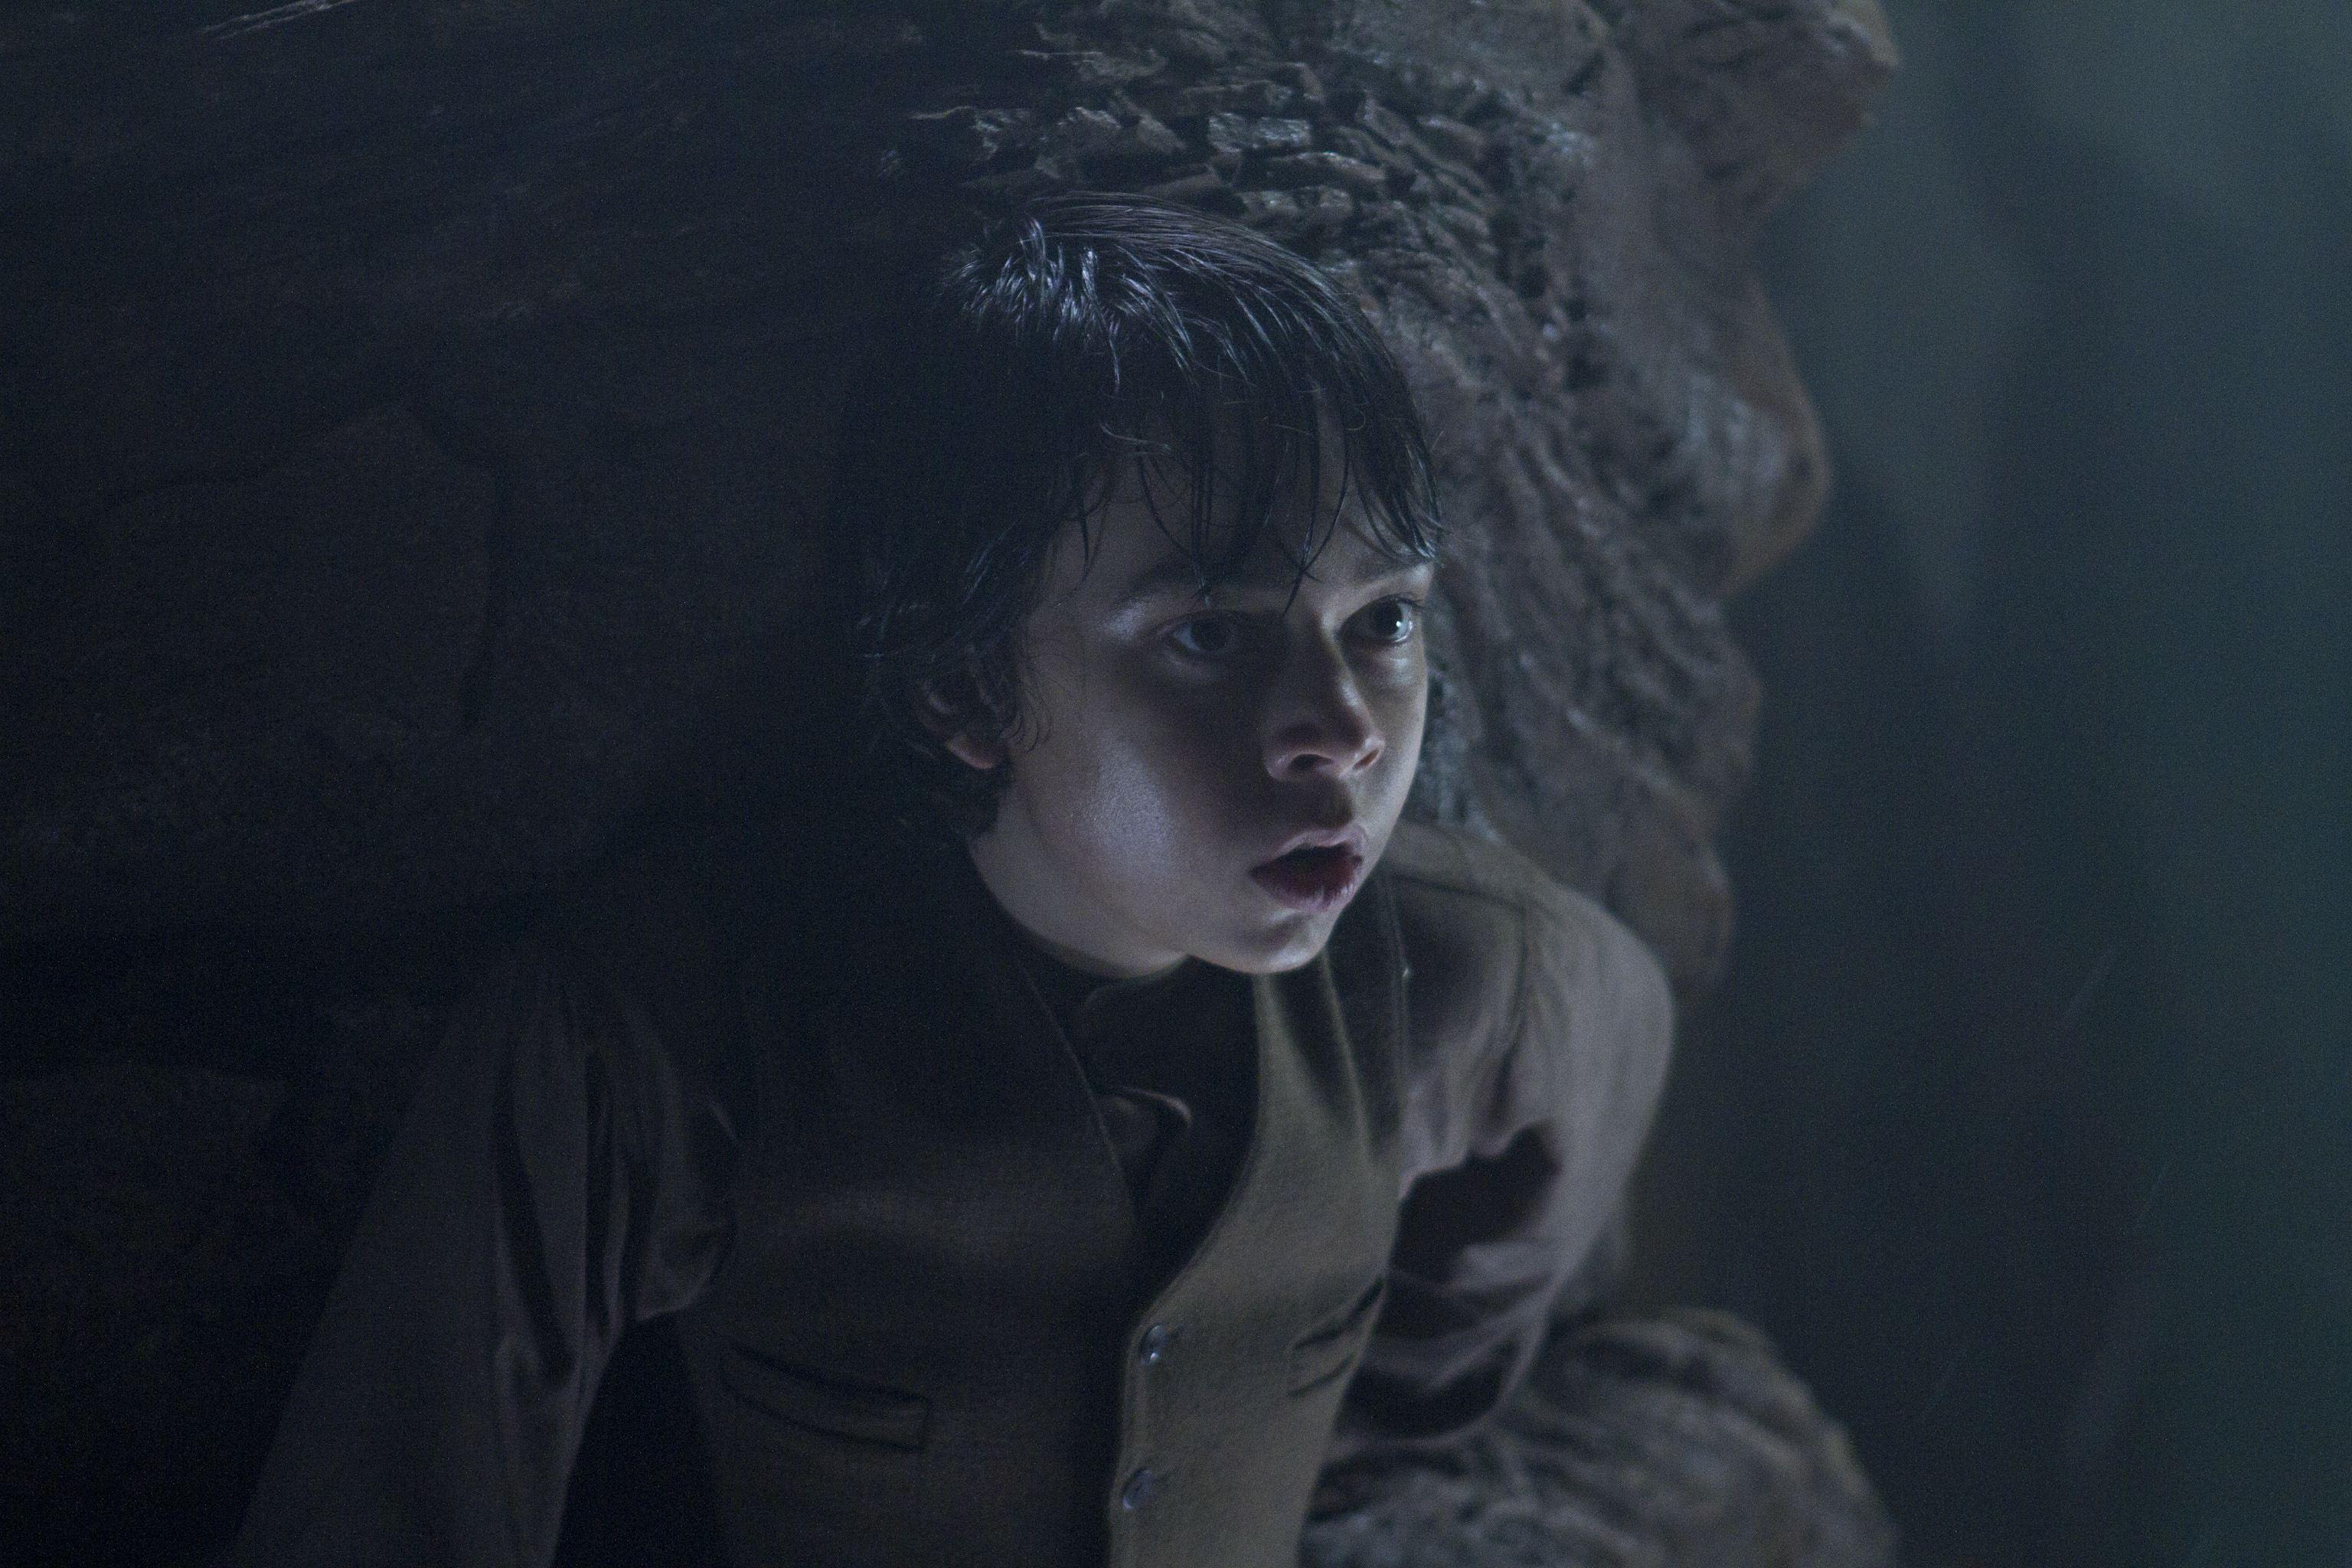 кадры из фильма Ковбои против пришельцев Ноа Рингер,